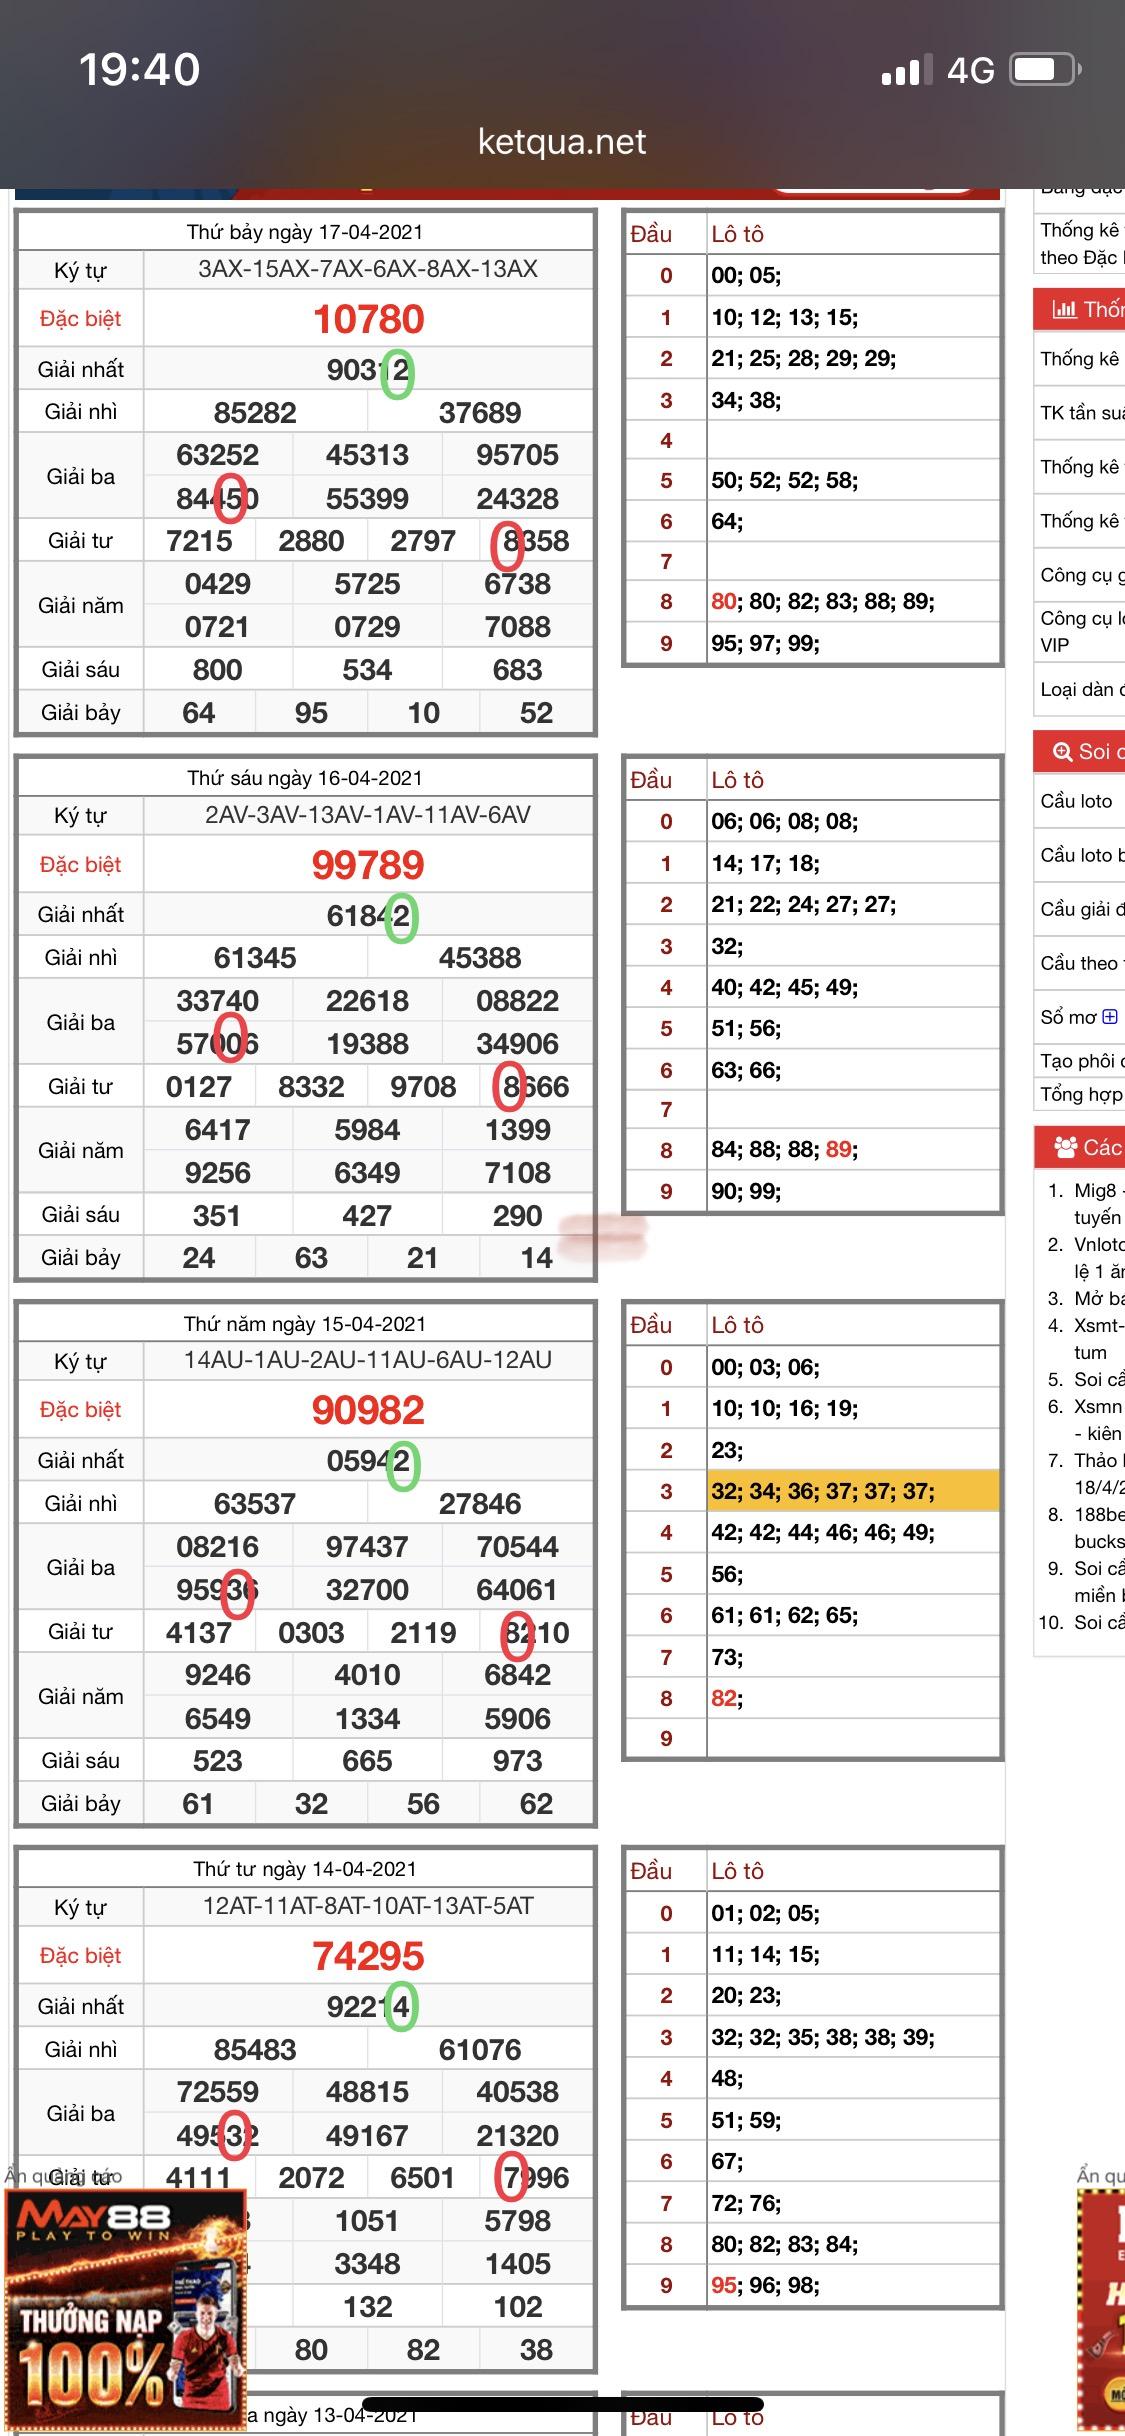 27EC23D5-E7AF-486D-ADEA-D60FA806B57E.jpeg